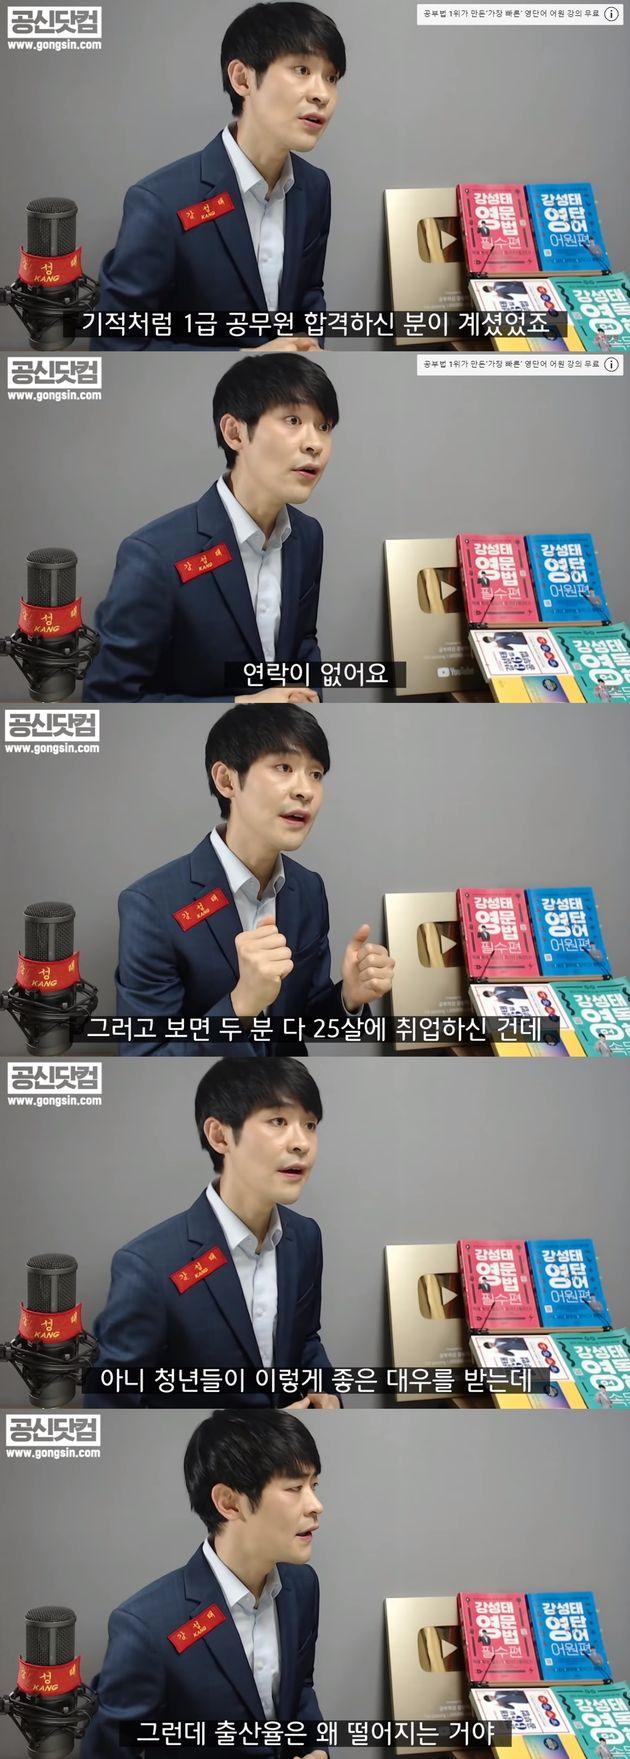 '선택적 분노' 논란에 휩싸였던 강성태 공부의신